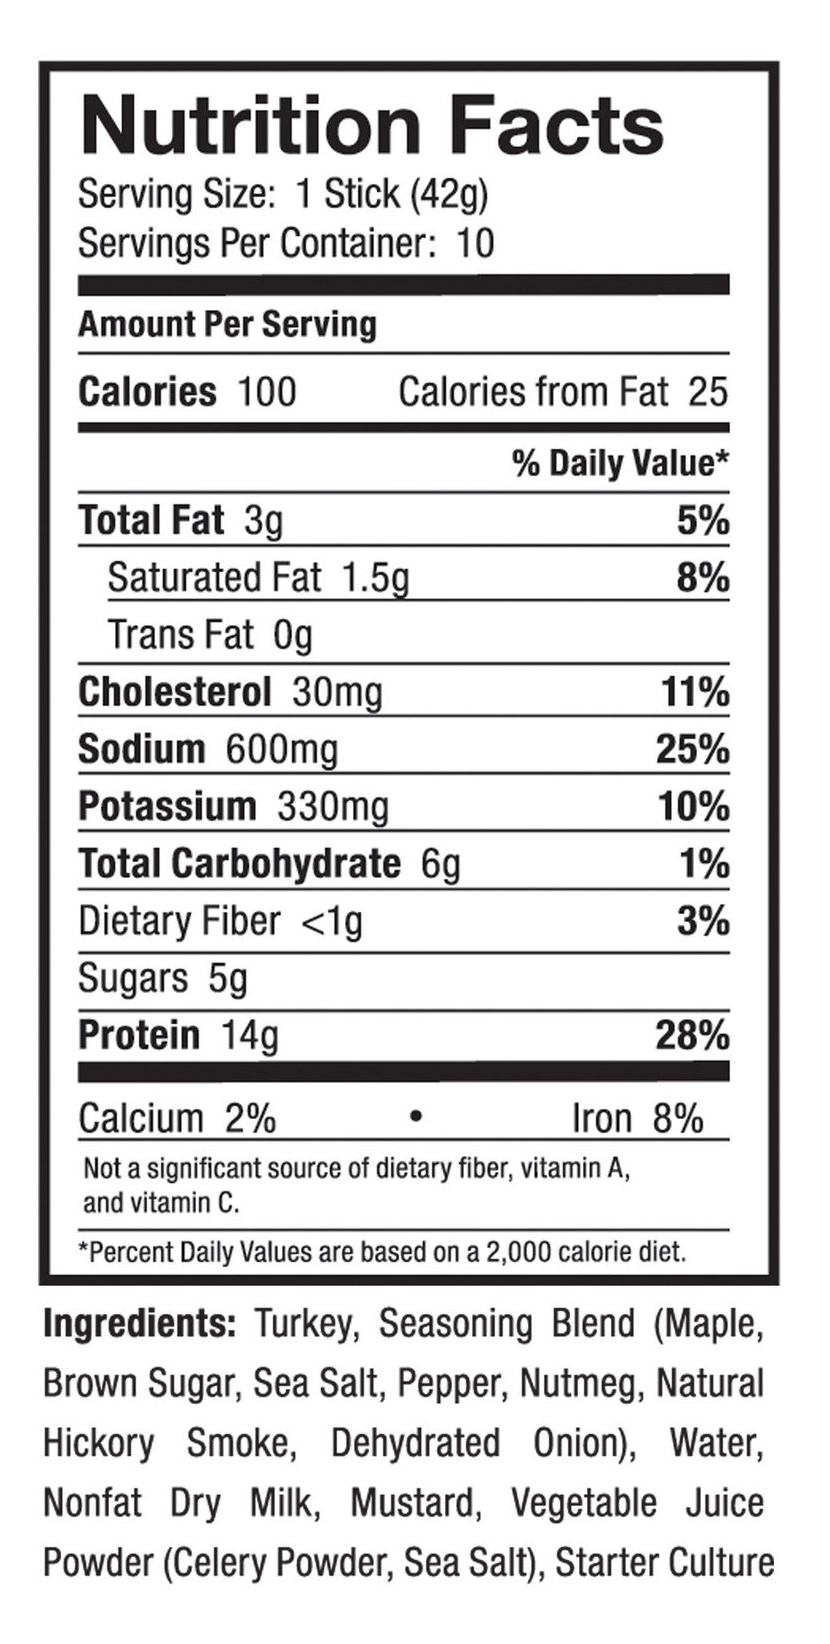 maple_brown_sugar_ingredients.png